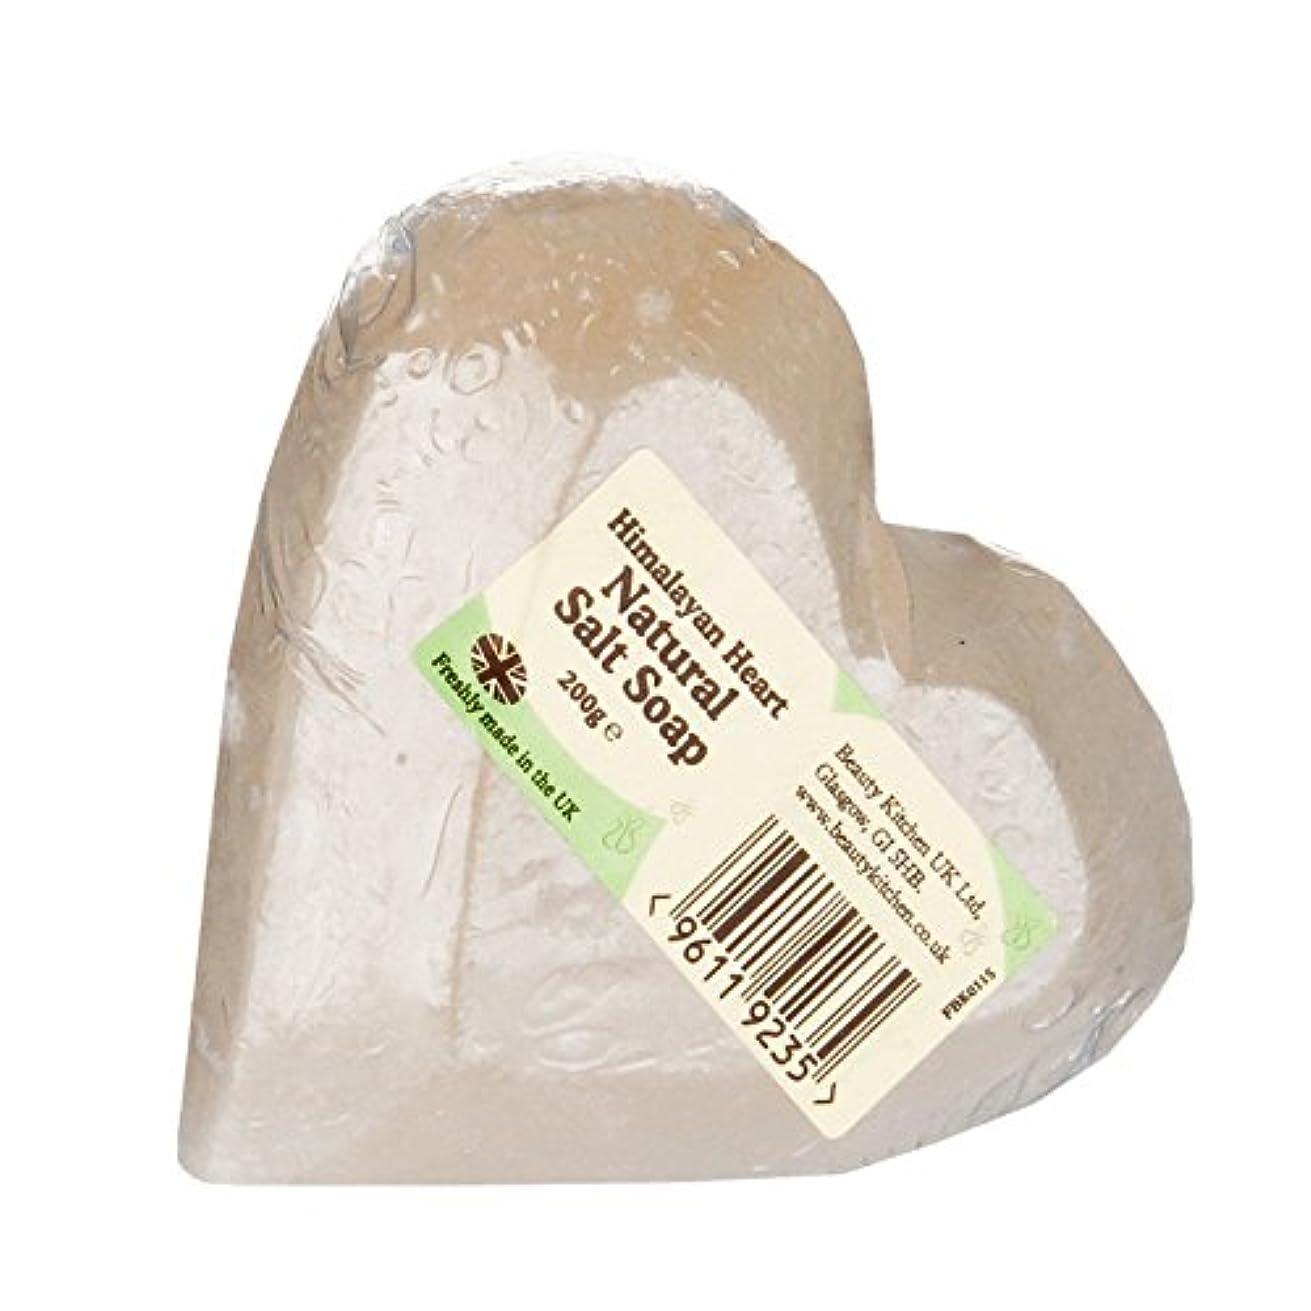 リス工業用指定Beauty Kitchen Himalayan Heart Soap 200g (Pack of 2) - 美容キッチンヒマラヤンハートソープ200グラム (x2) [並行輸入品]